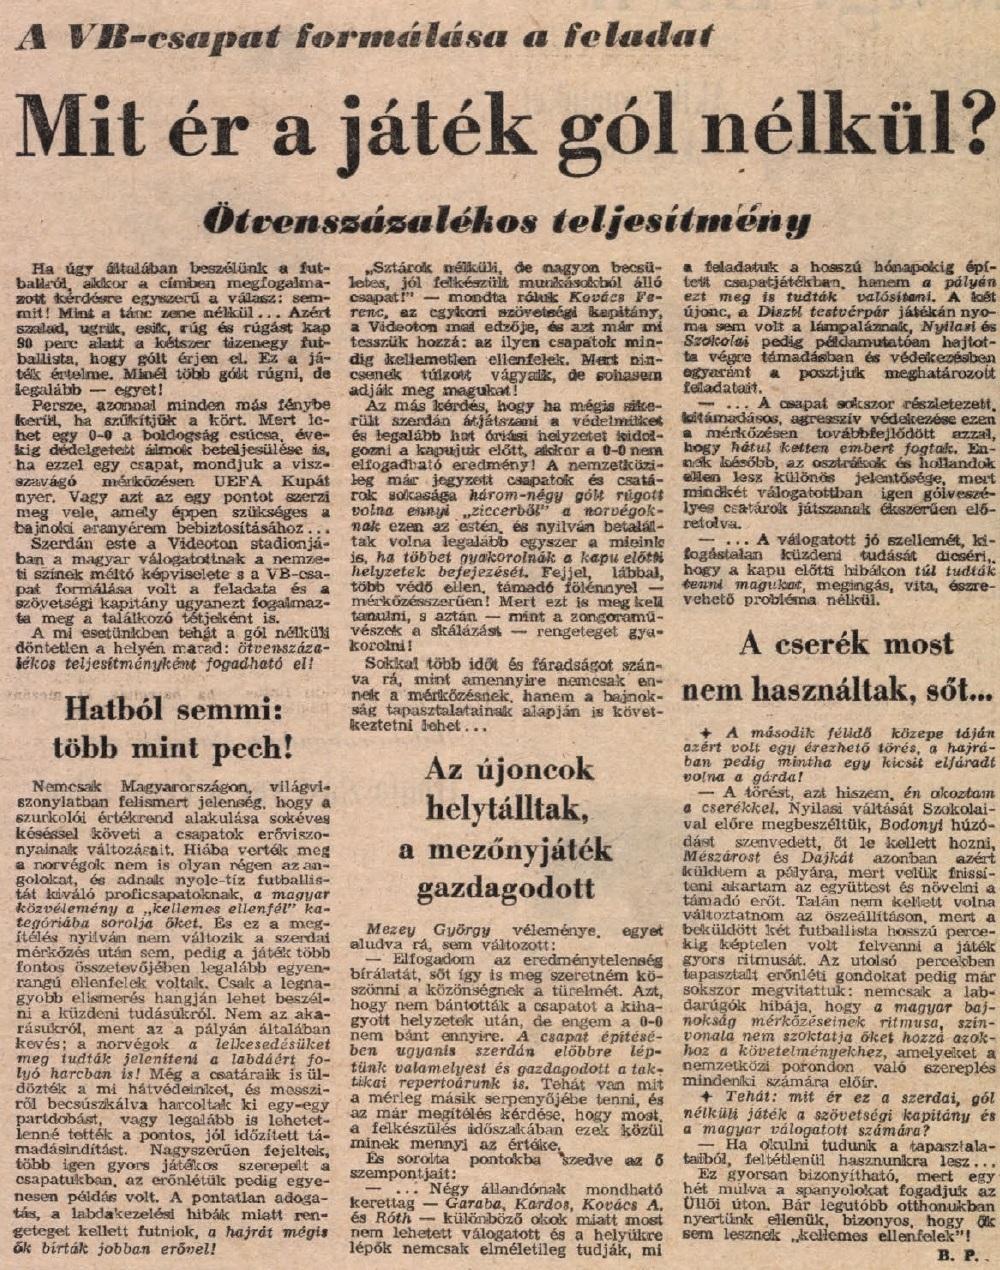 idokapszula_nb_i_1983_84_magyarorszag_norvegia_merkozes_2.jpg